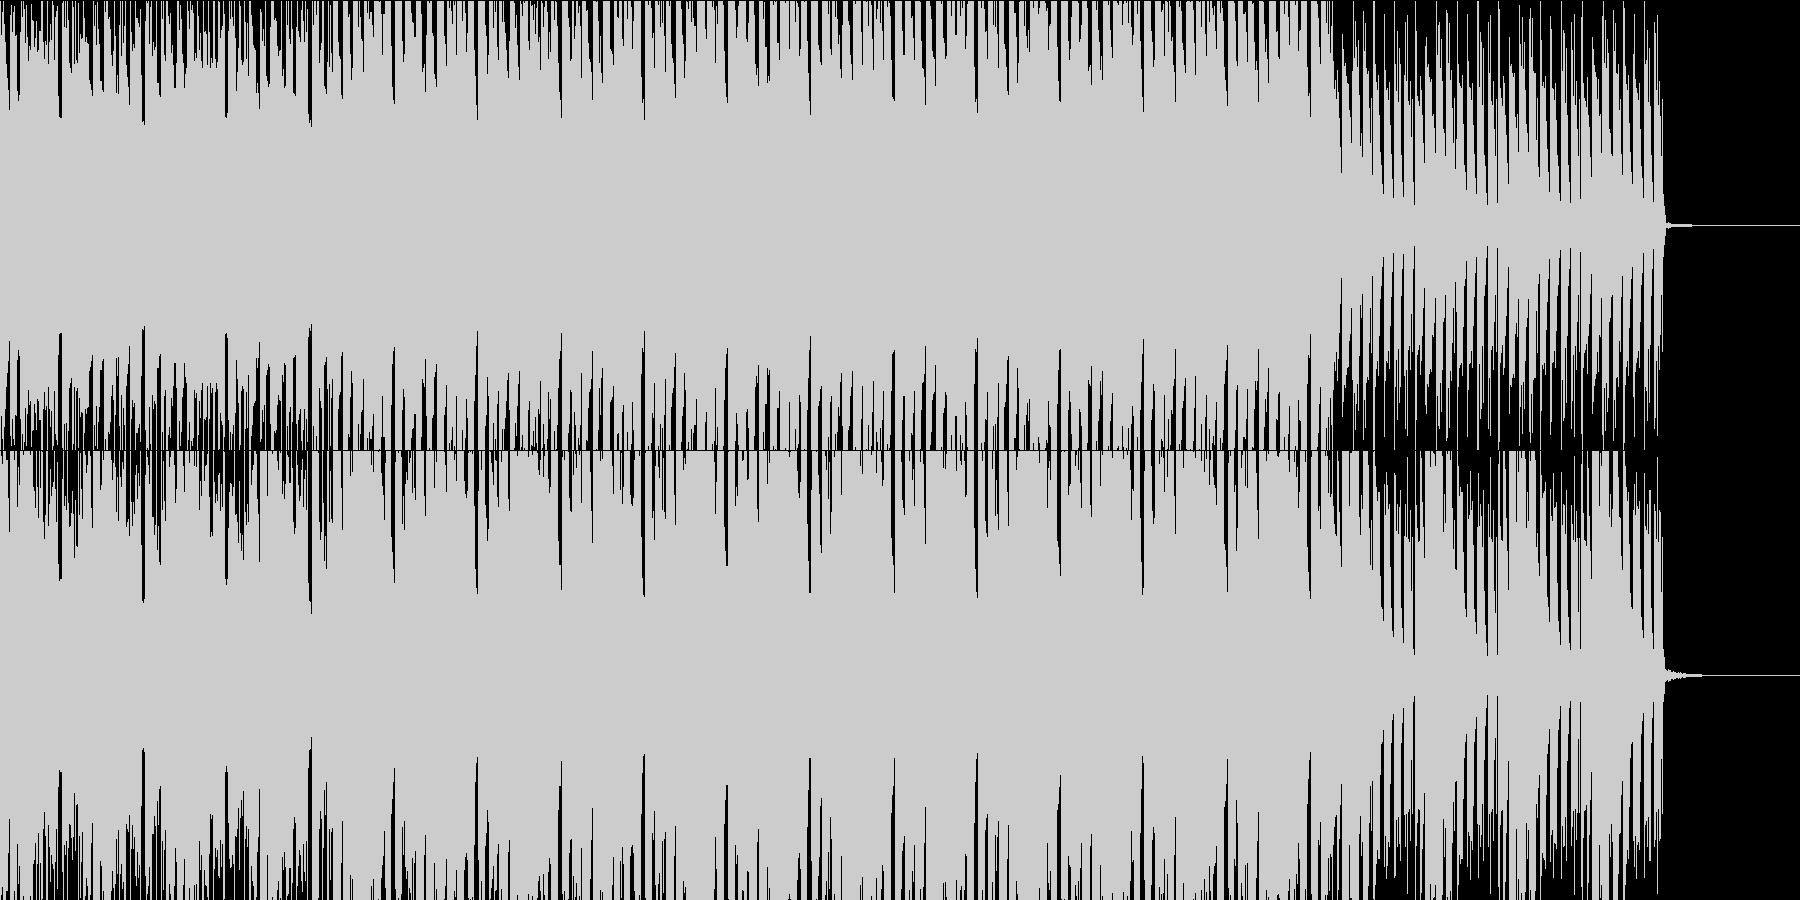 楽しげなオープニングタイトル風BGMの未再生の波形